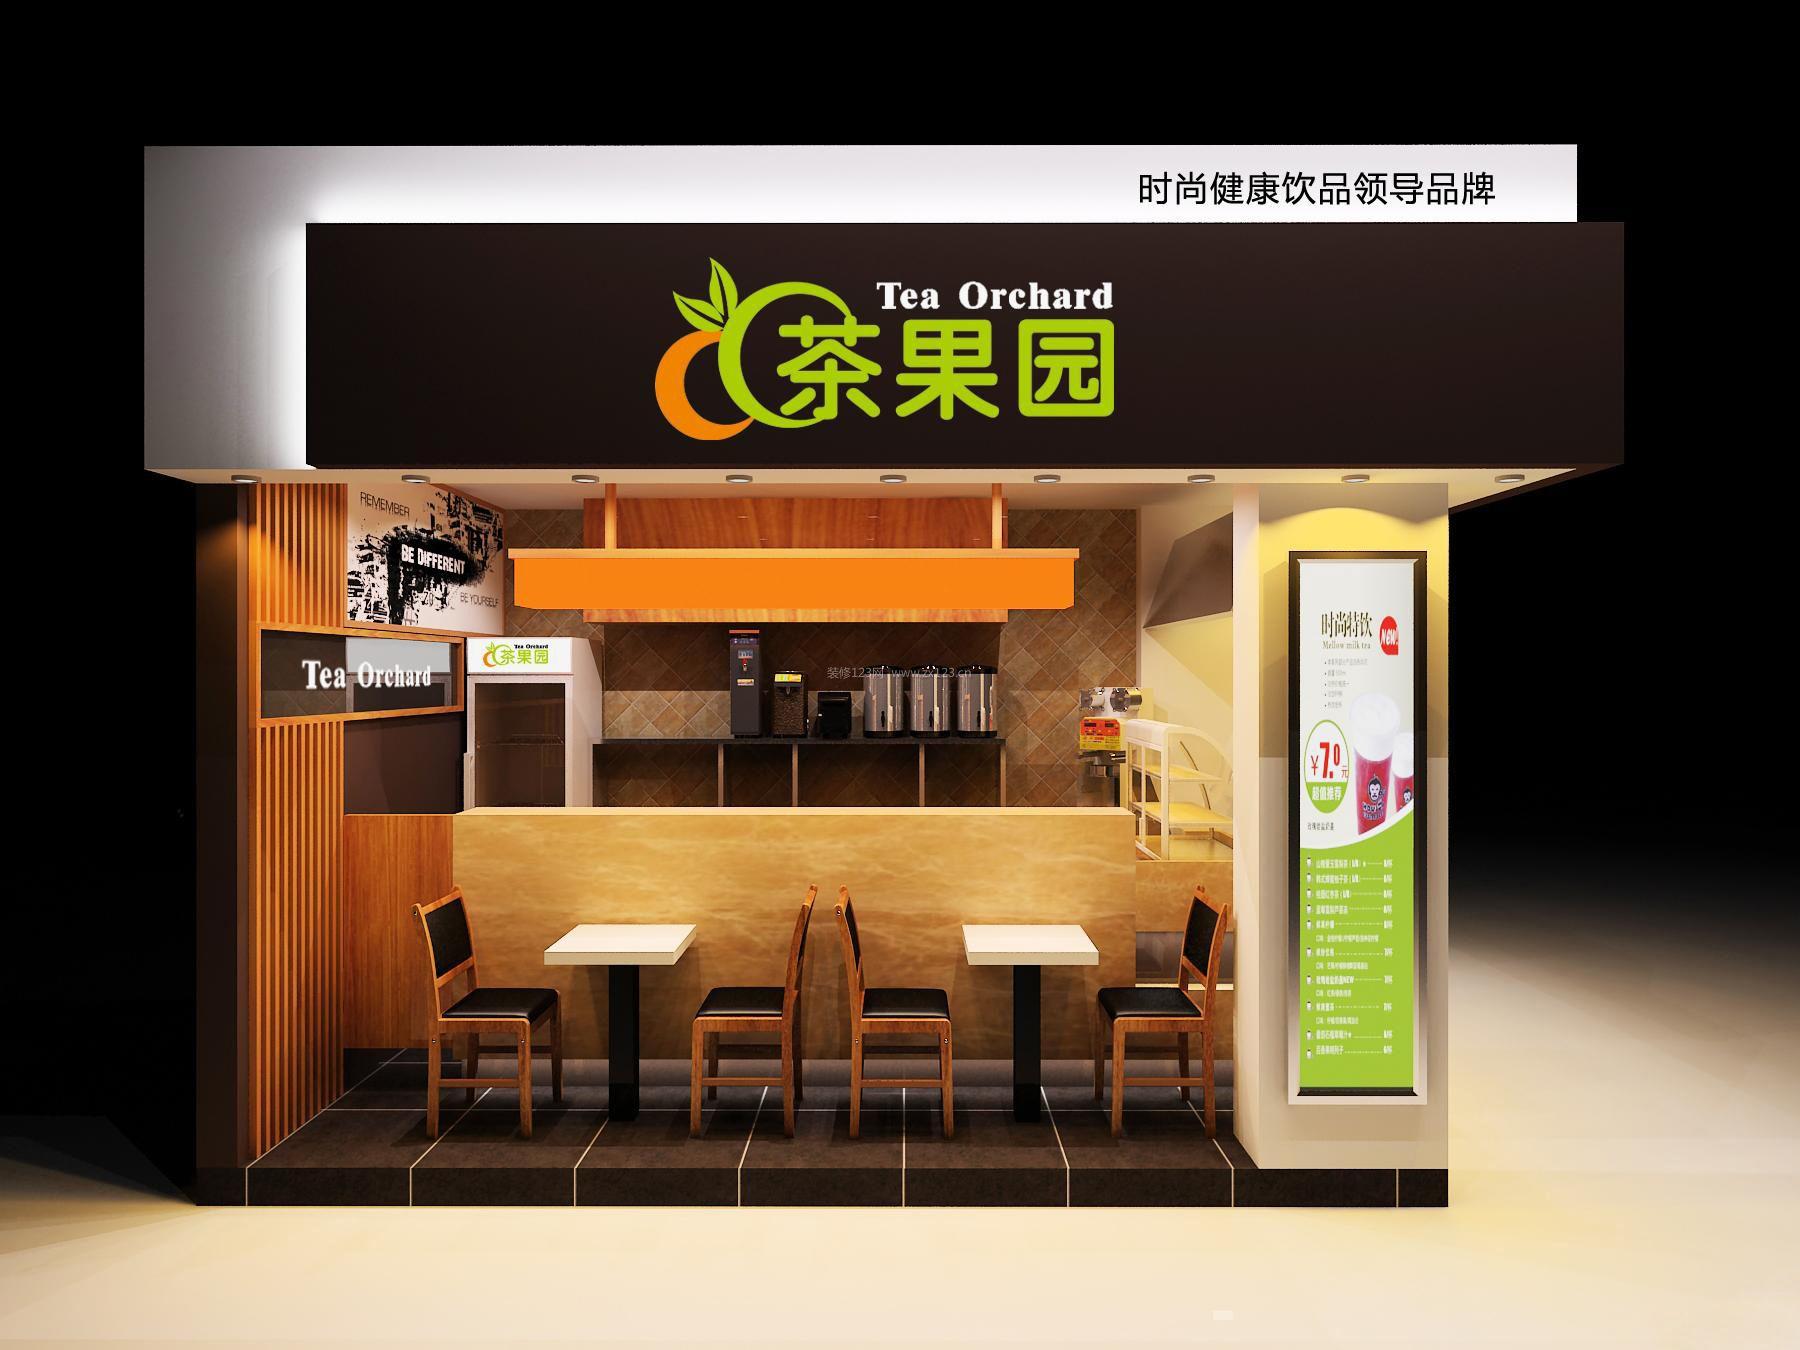 饮品店面门头设计效果图片图片